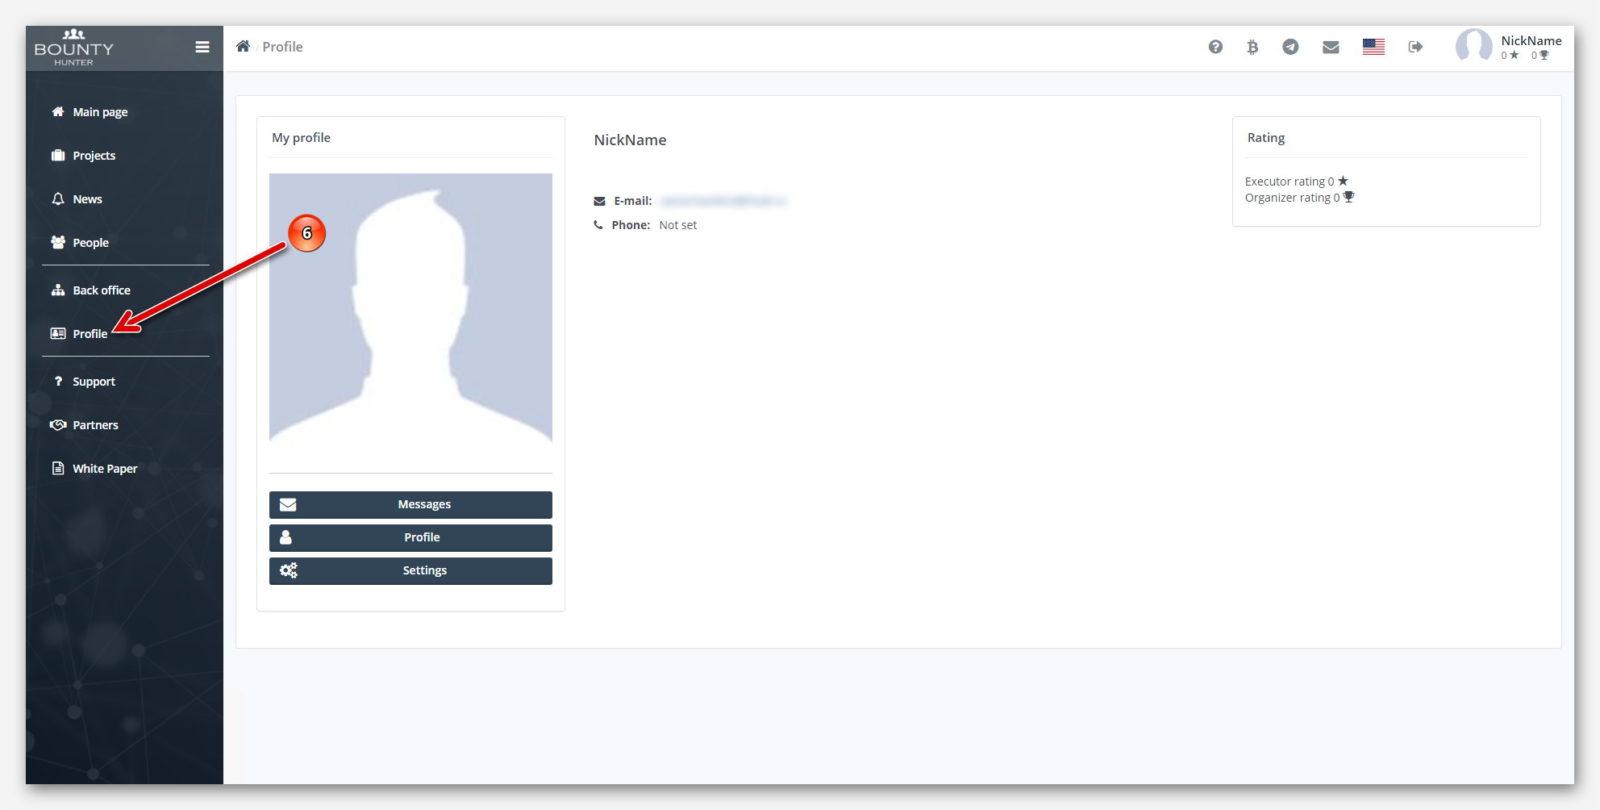 Личный профиль, на платформе BountyHunter